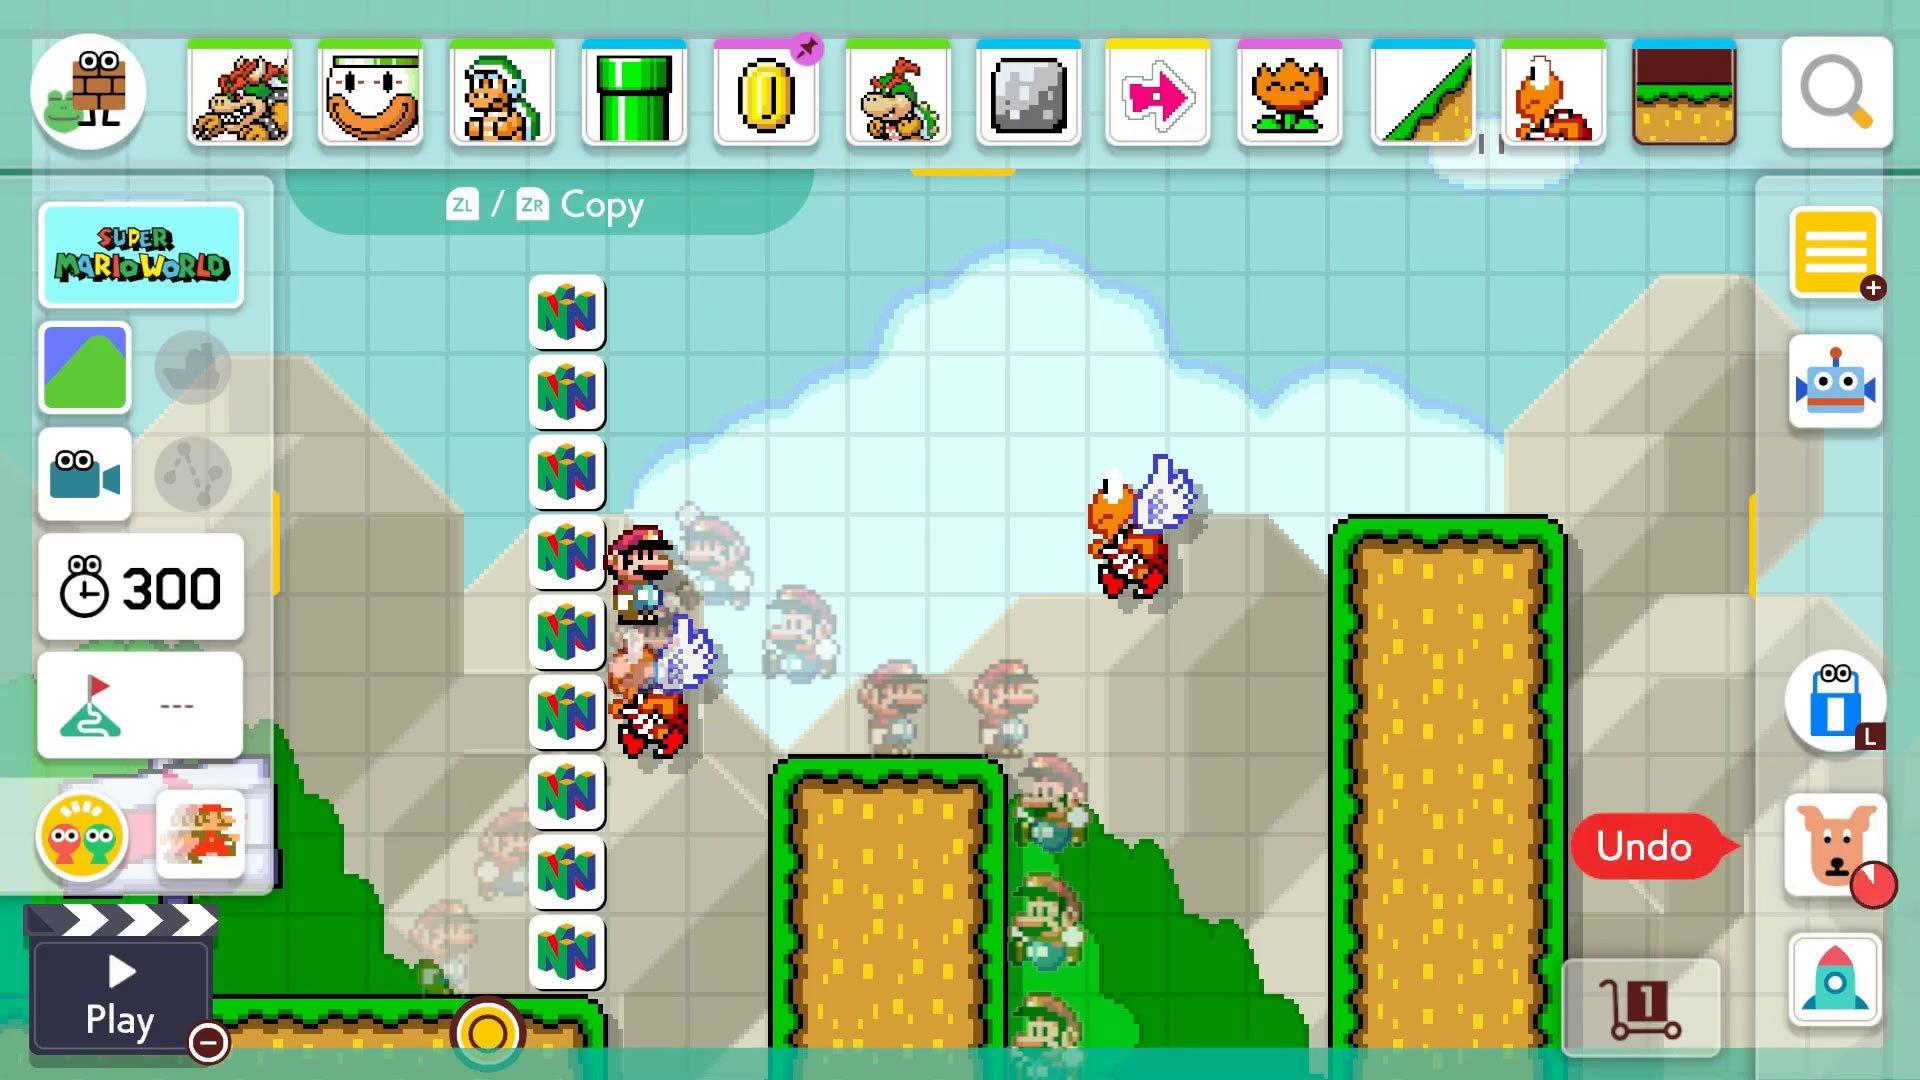 Super Mario Maker 2 Course Maker - How to undo and delete